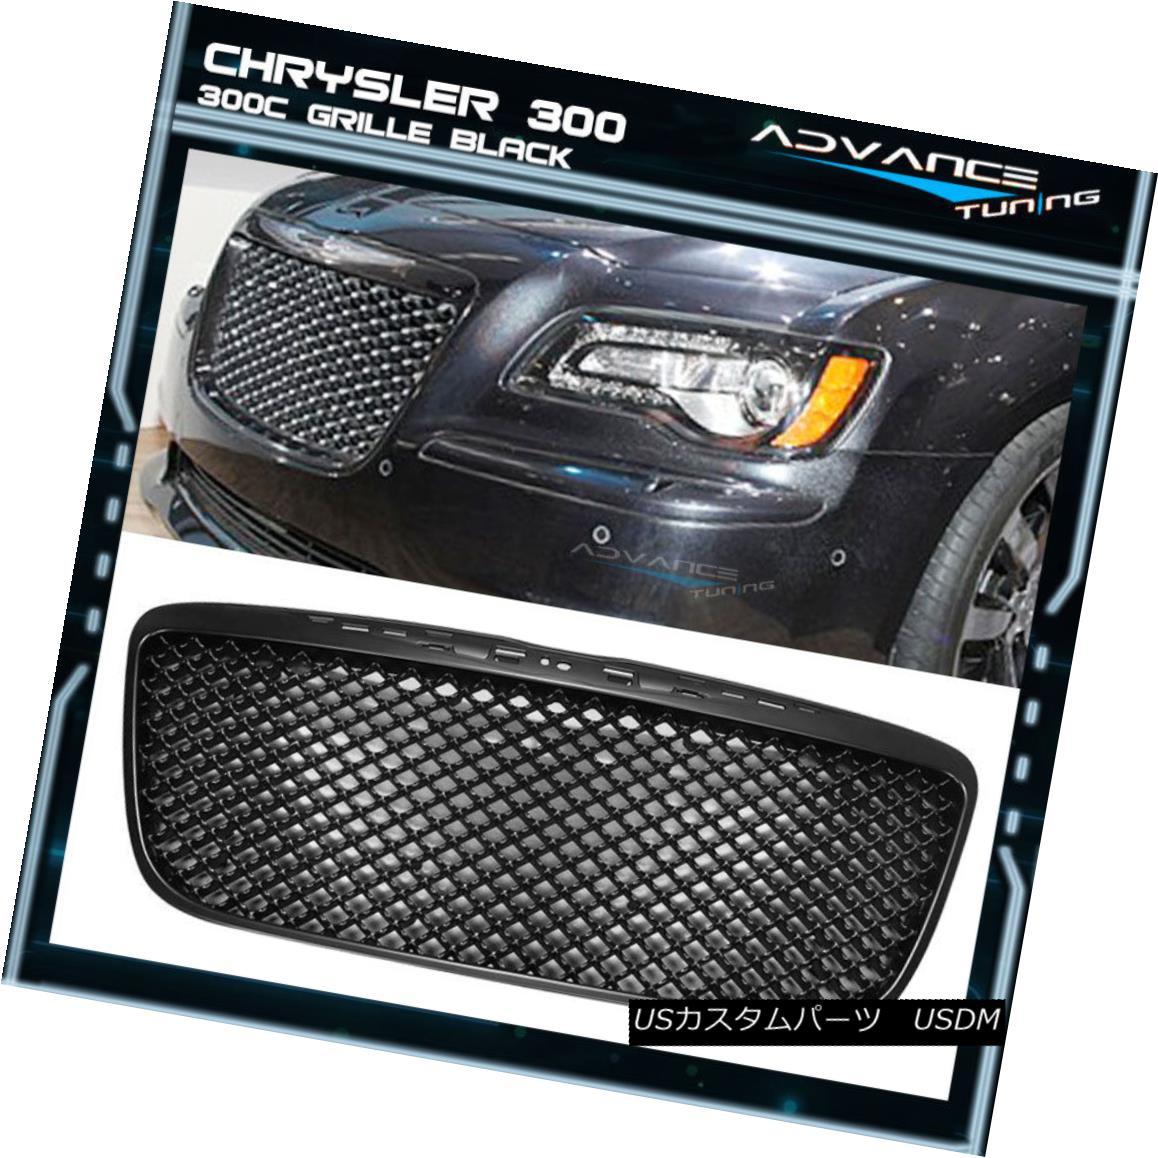 グリル For 11-14 Chrysler 300 300C B-Style Front Mesh Grill Grille Black 11-14クライスラー300 300C Bスタイルフロントメッシュグリルグリルブラック